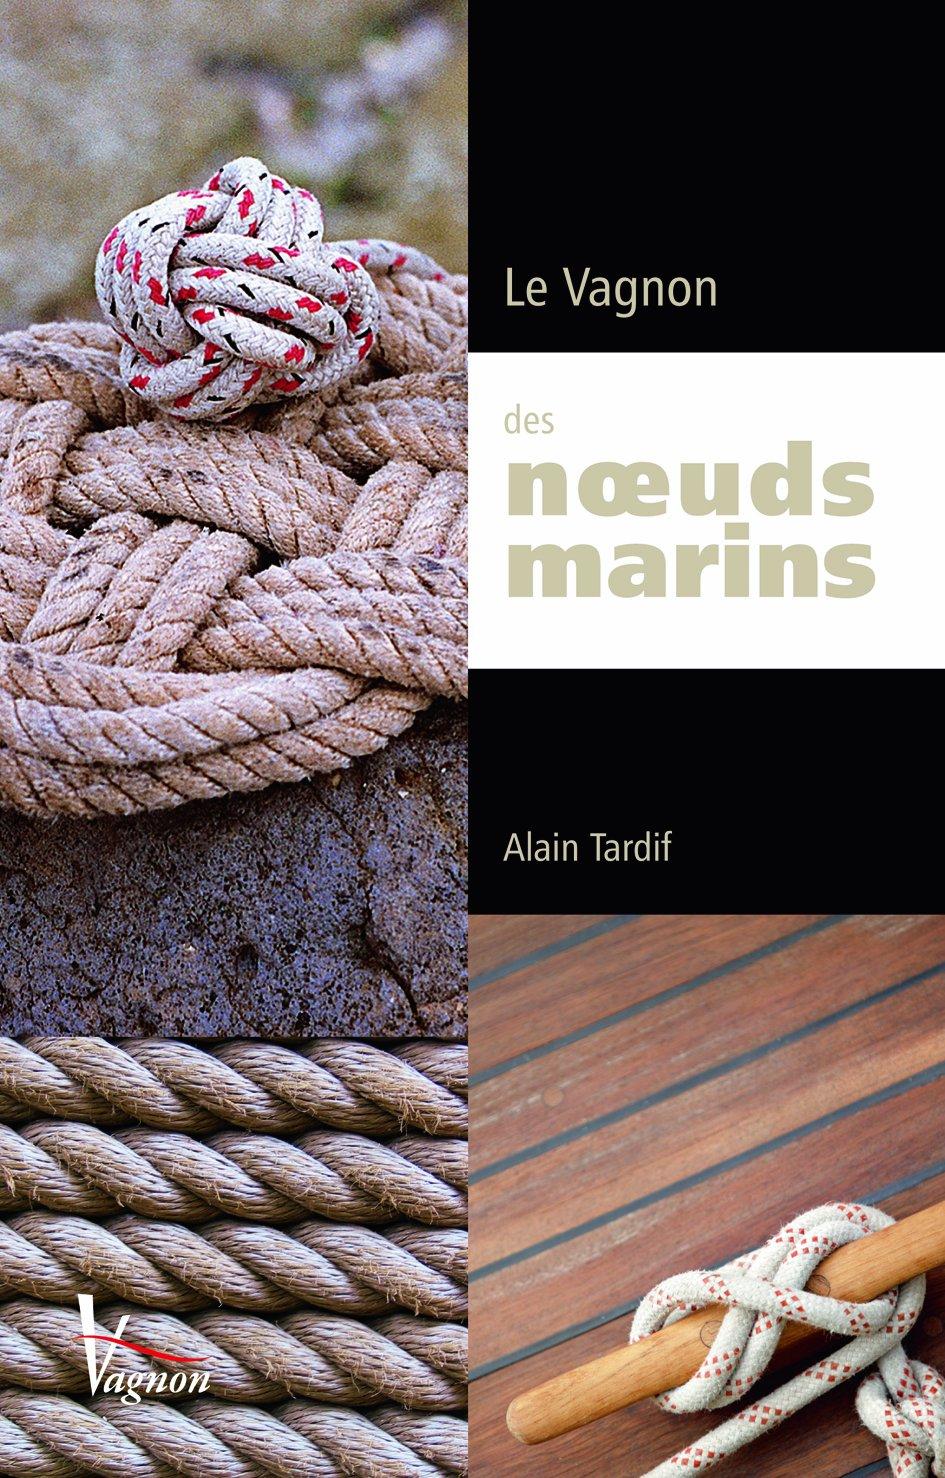 Le vagnon des noeuds marins